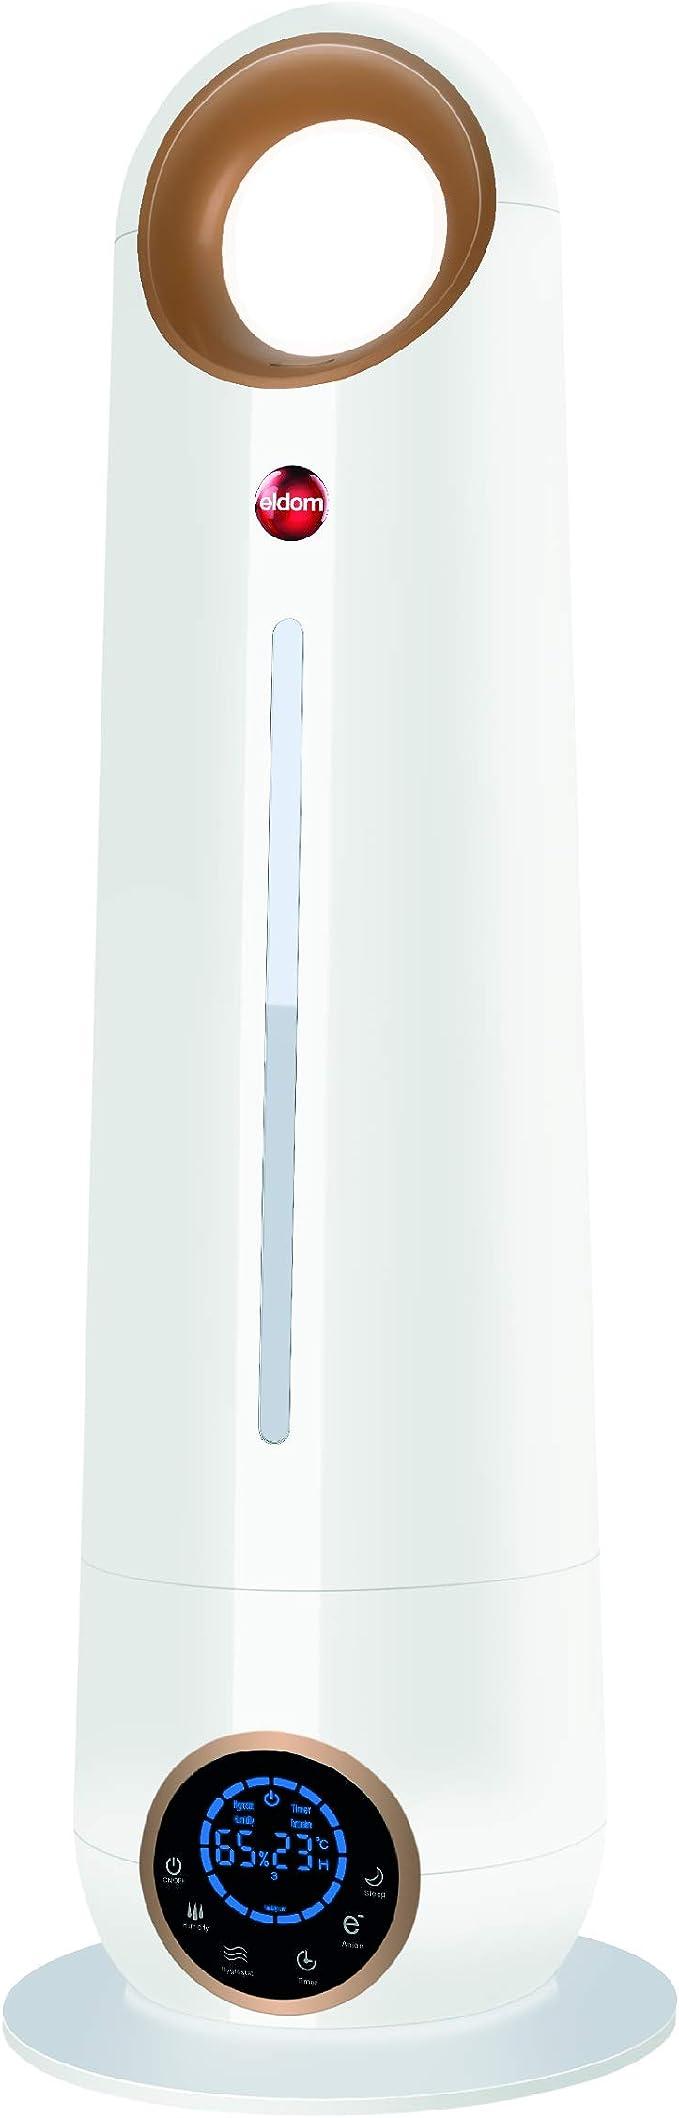 eldom Humidificador Ultras/ónico NU9 28W de Potencia 4 l para Habitaciones de hasta 35 m2